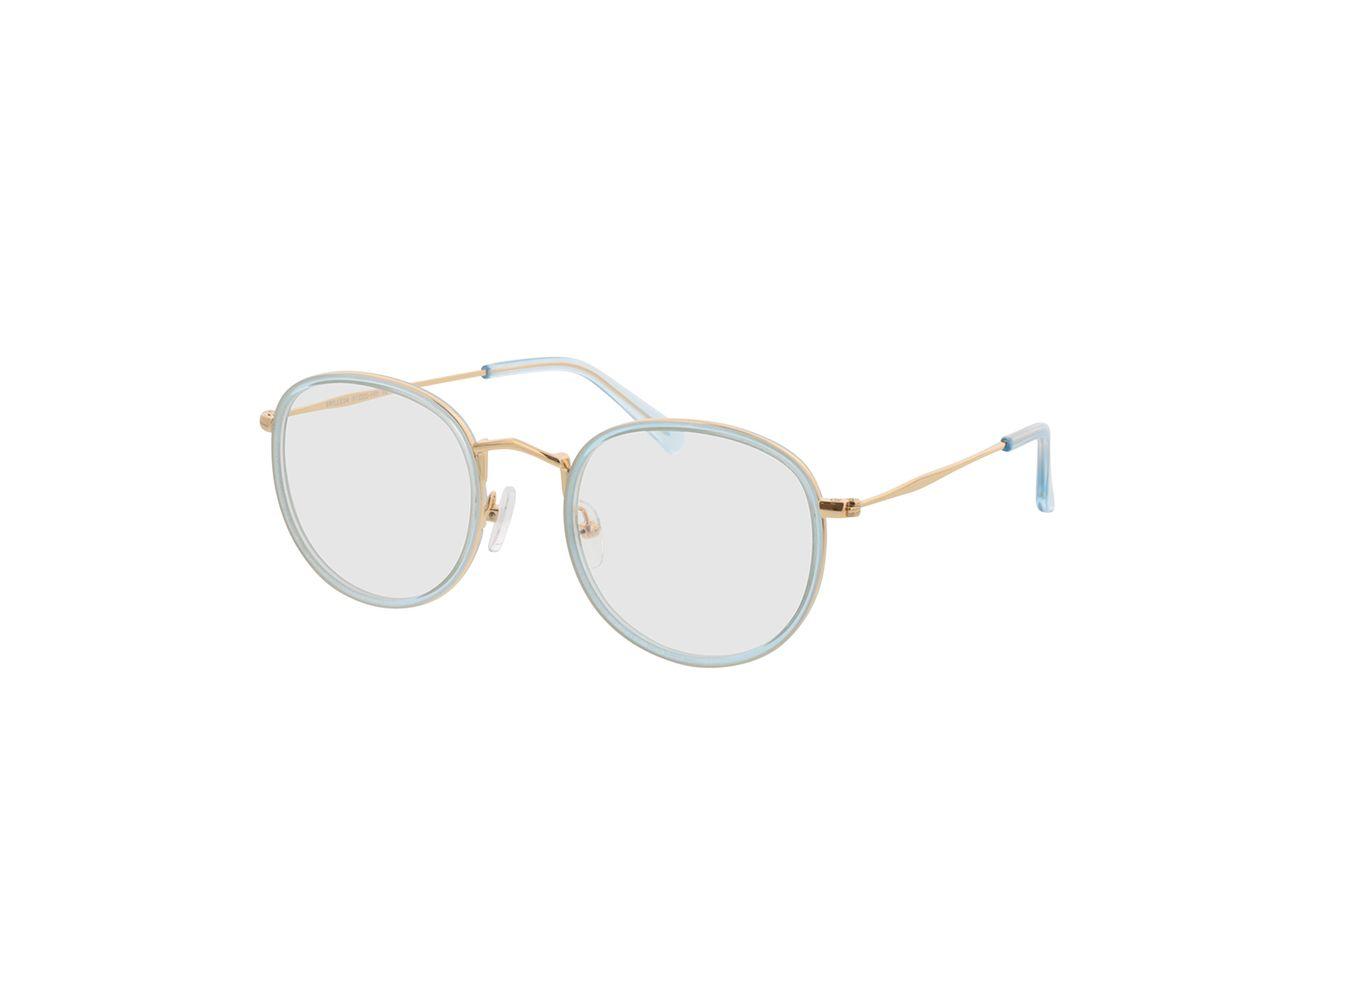 4742-singlevision-0000 Gilbritt-türkis/gold Gleitsichtbrille, Vollrand, Rund Brille24 Collection